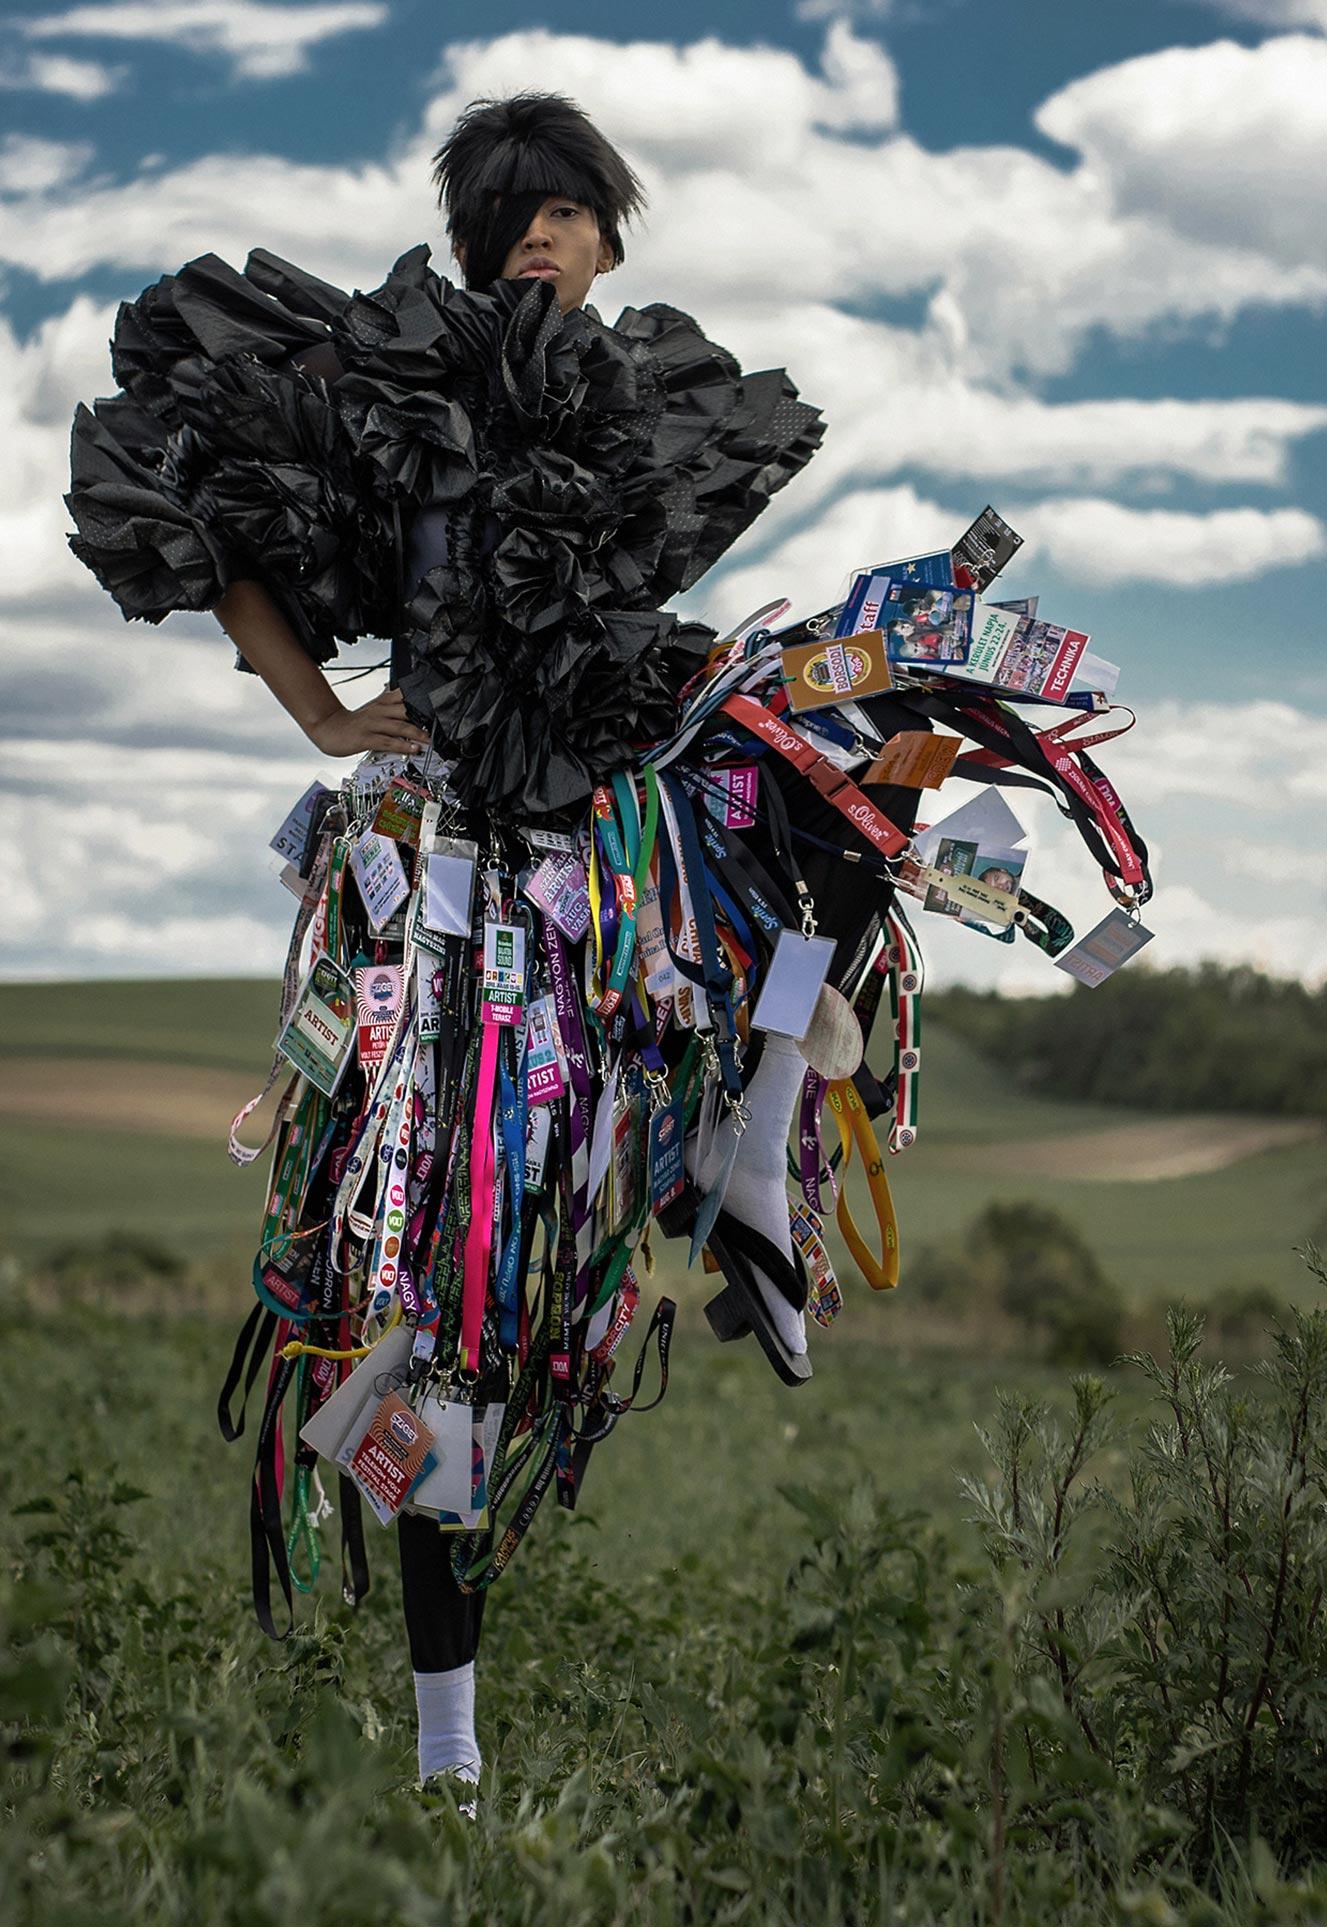 Нетрадиционный взгляд на модную одежду / фото 11